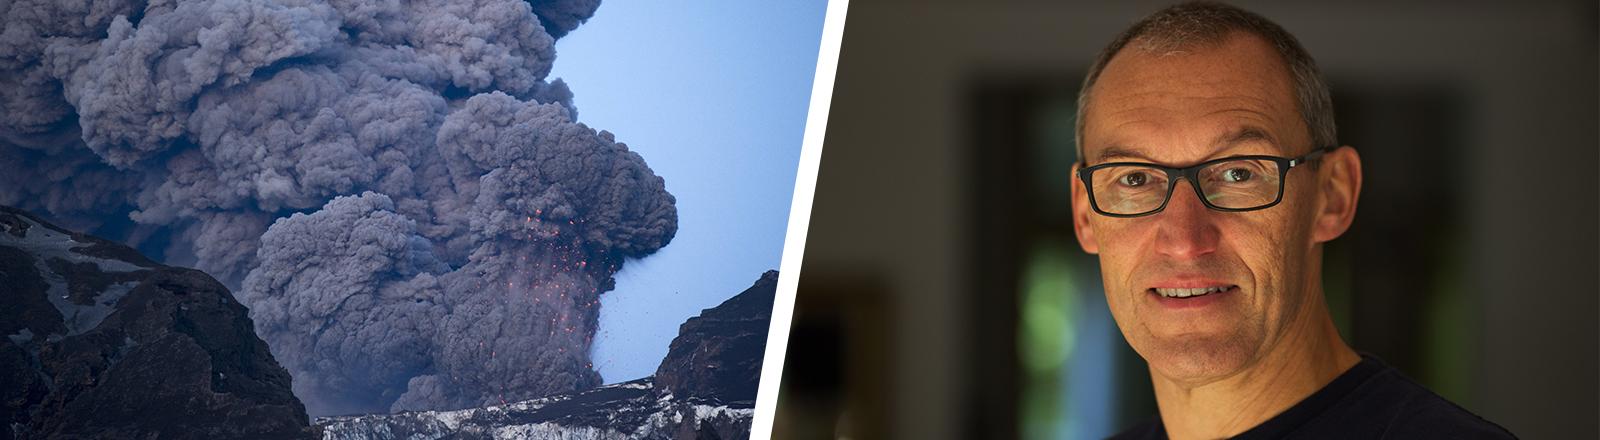 Der Vulkan Eyafjallajöküll und MAtthias Weber